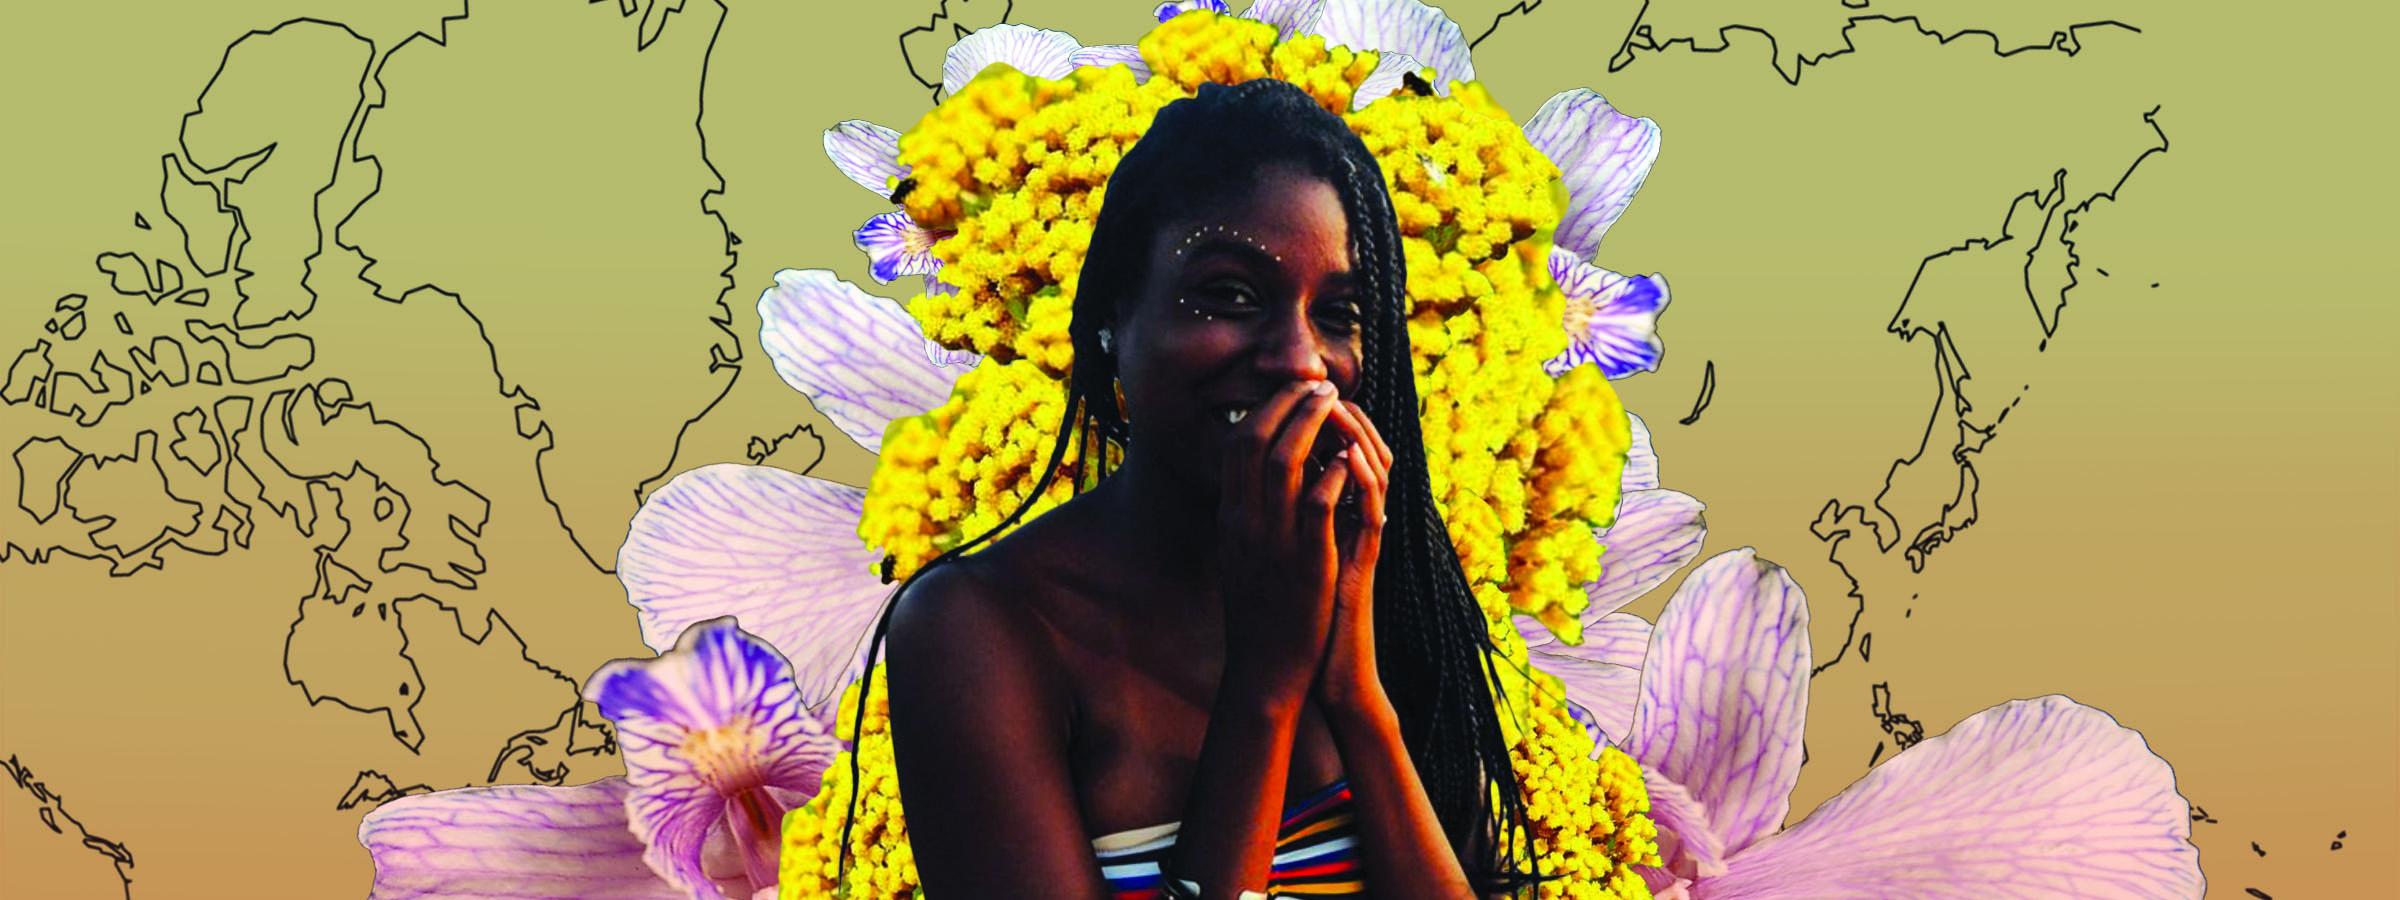 Collage by Yarminiah Rosa